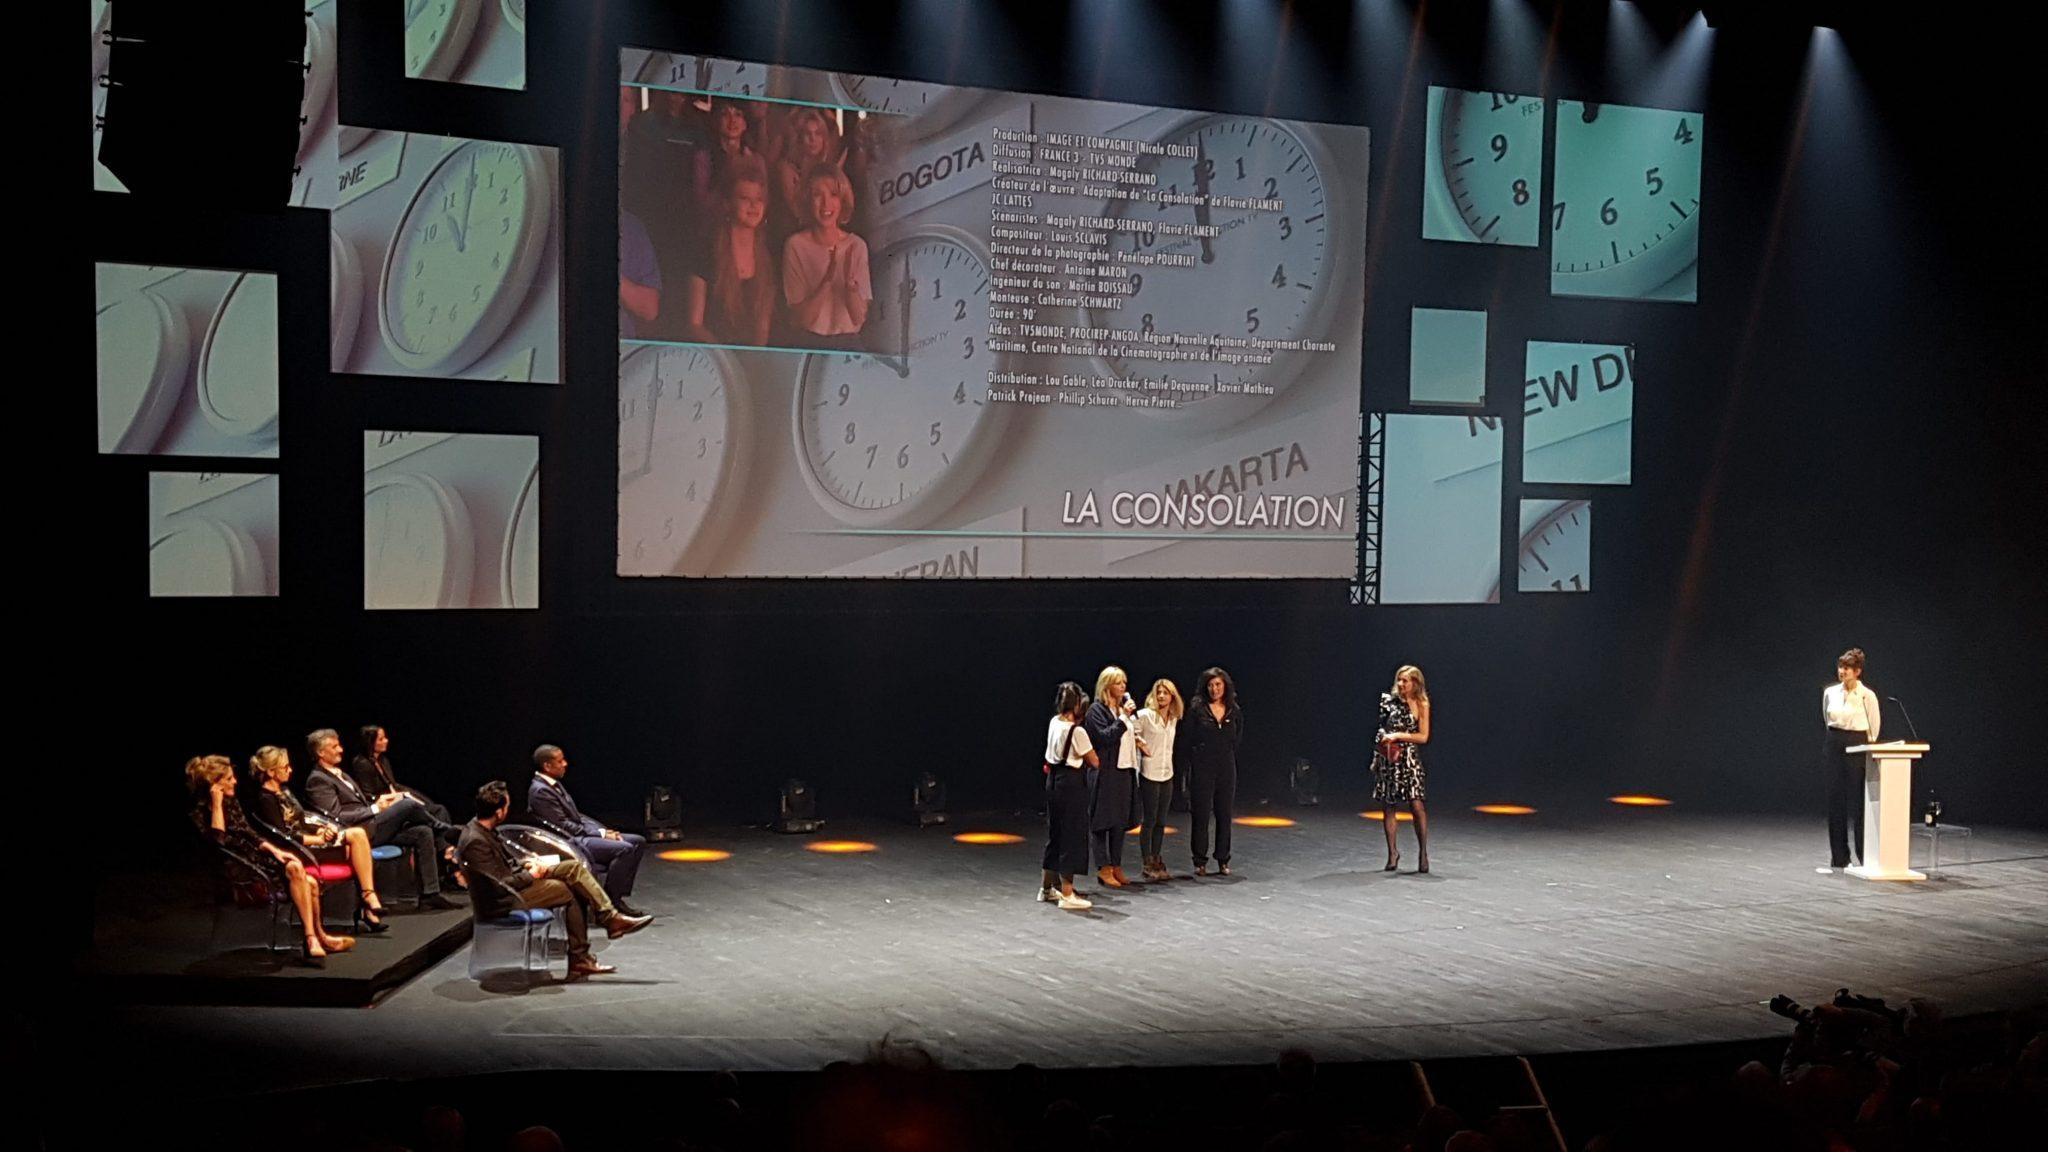 festival de la fiction tv de la rochelle 2017 image La Consolation